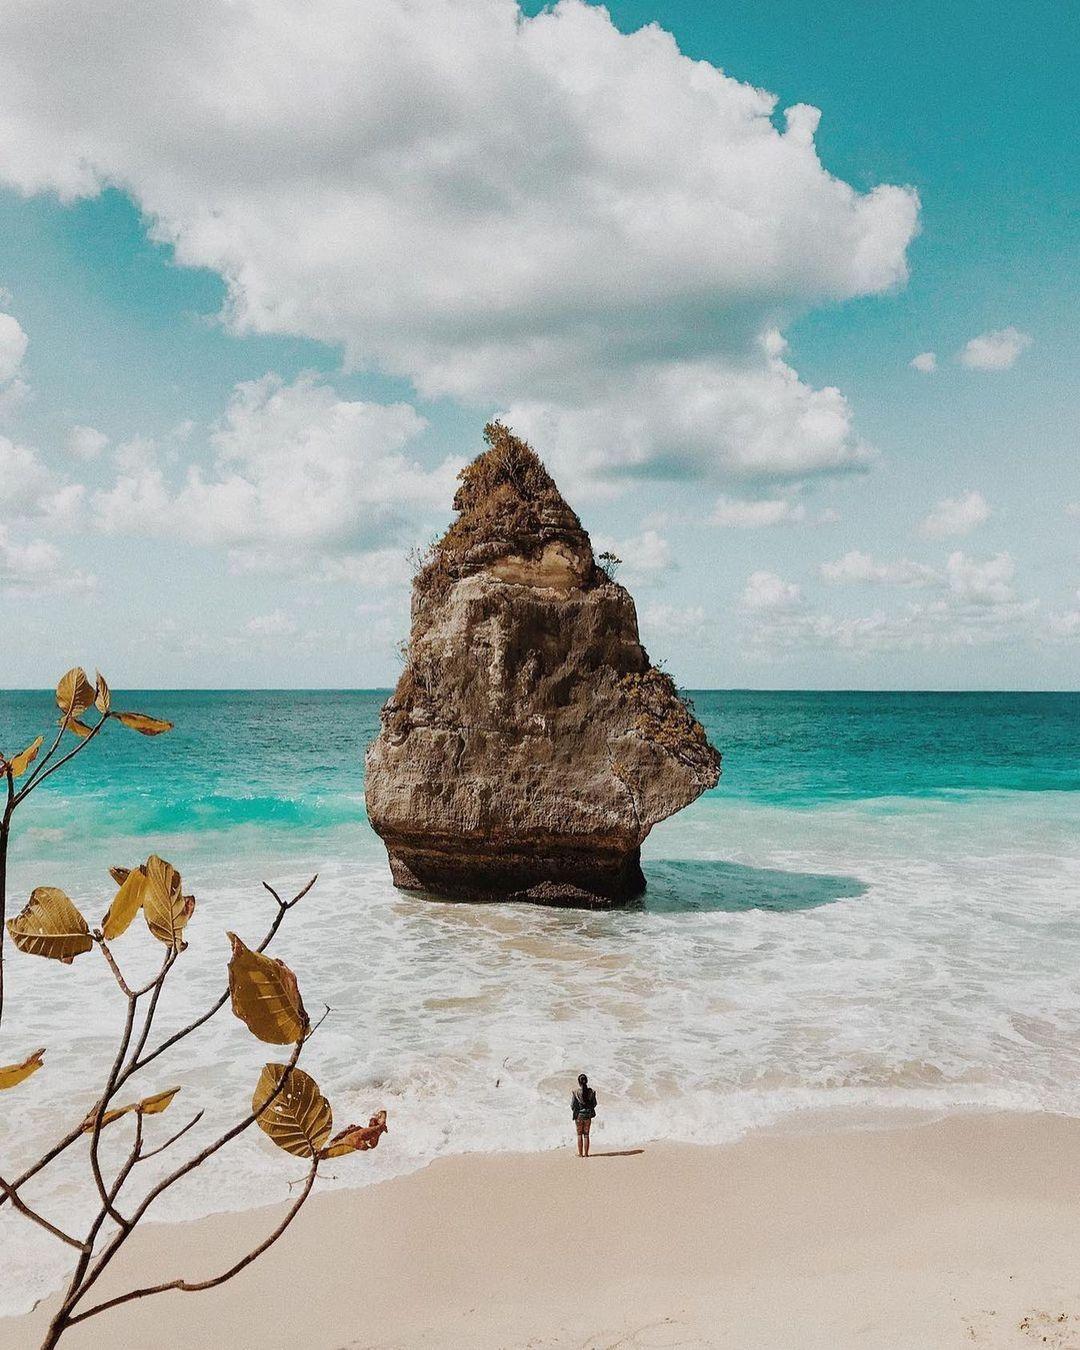 Pantai Suwehan Nusa Penida Bali Image From @sendalbukit